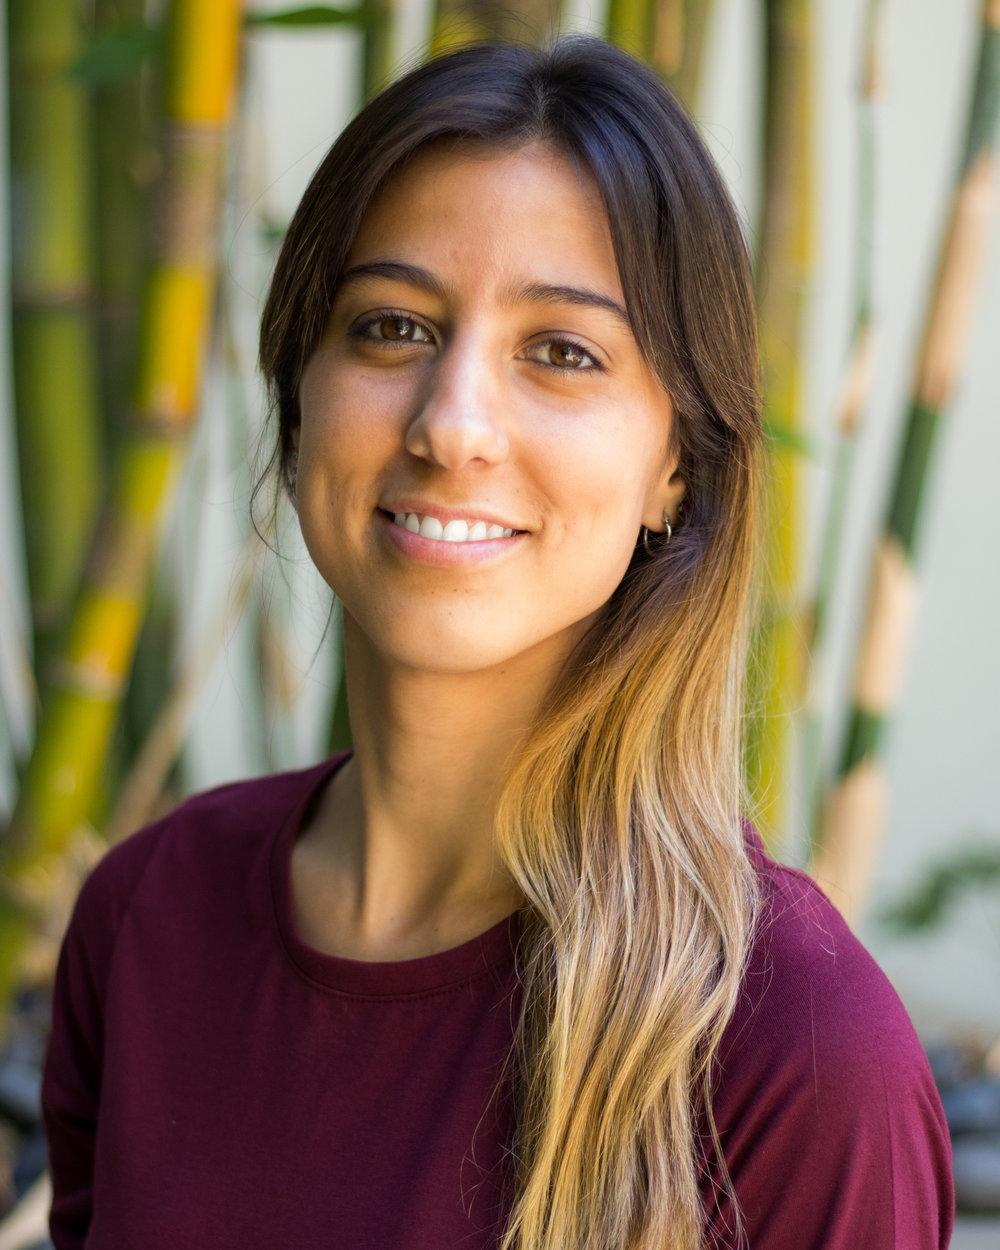 Daniela Santi